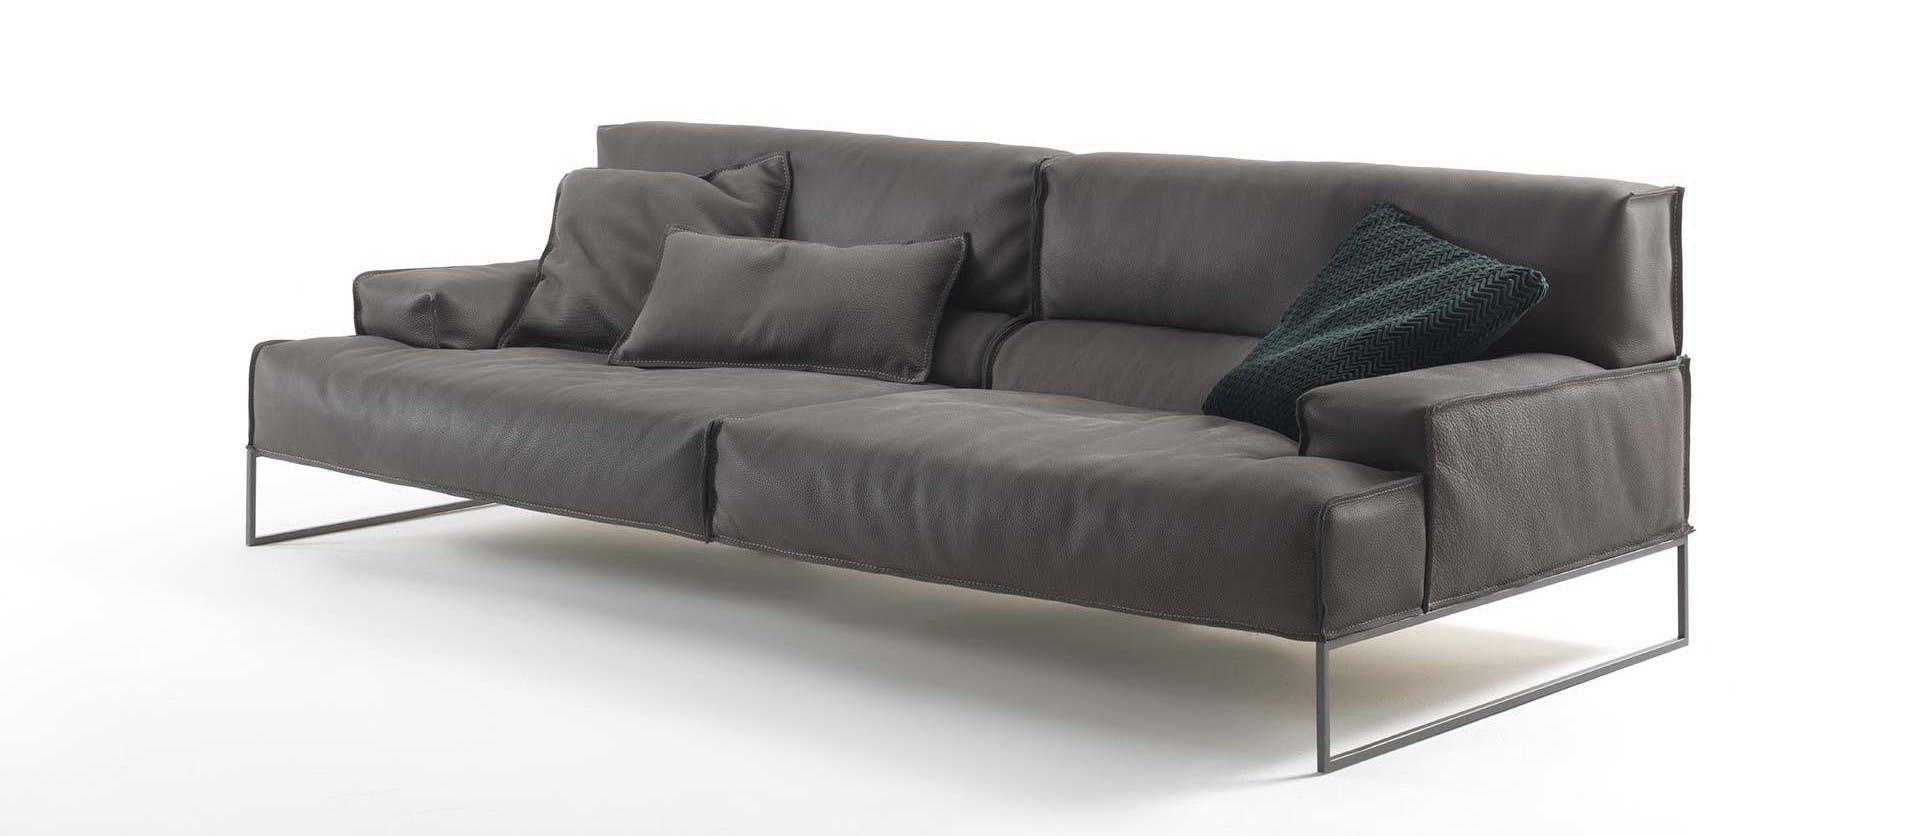 Frigerio Cloud Sofa Side Haute Living